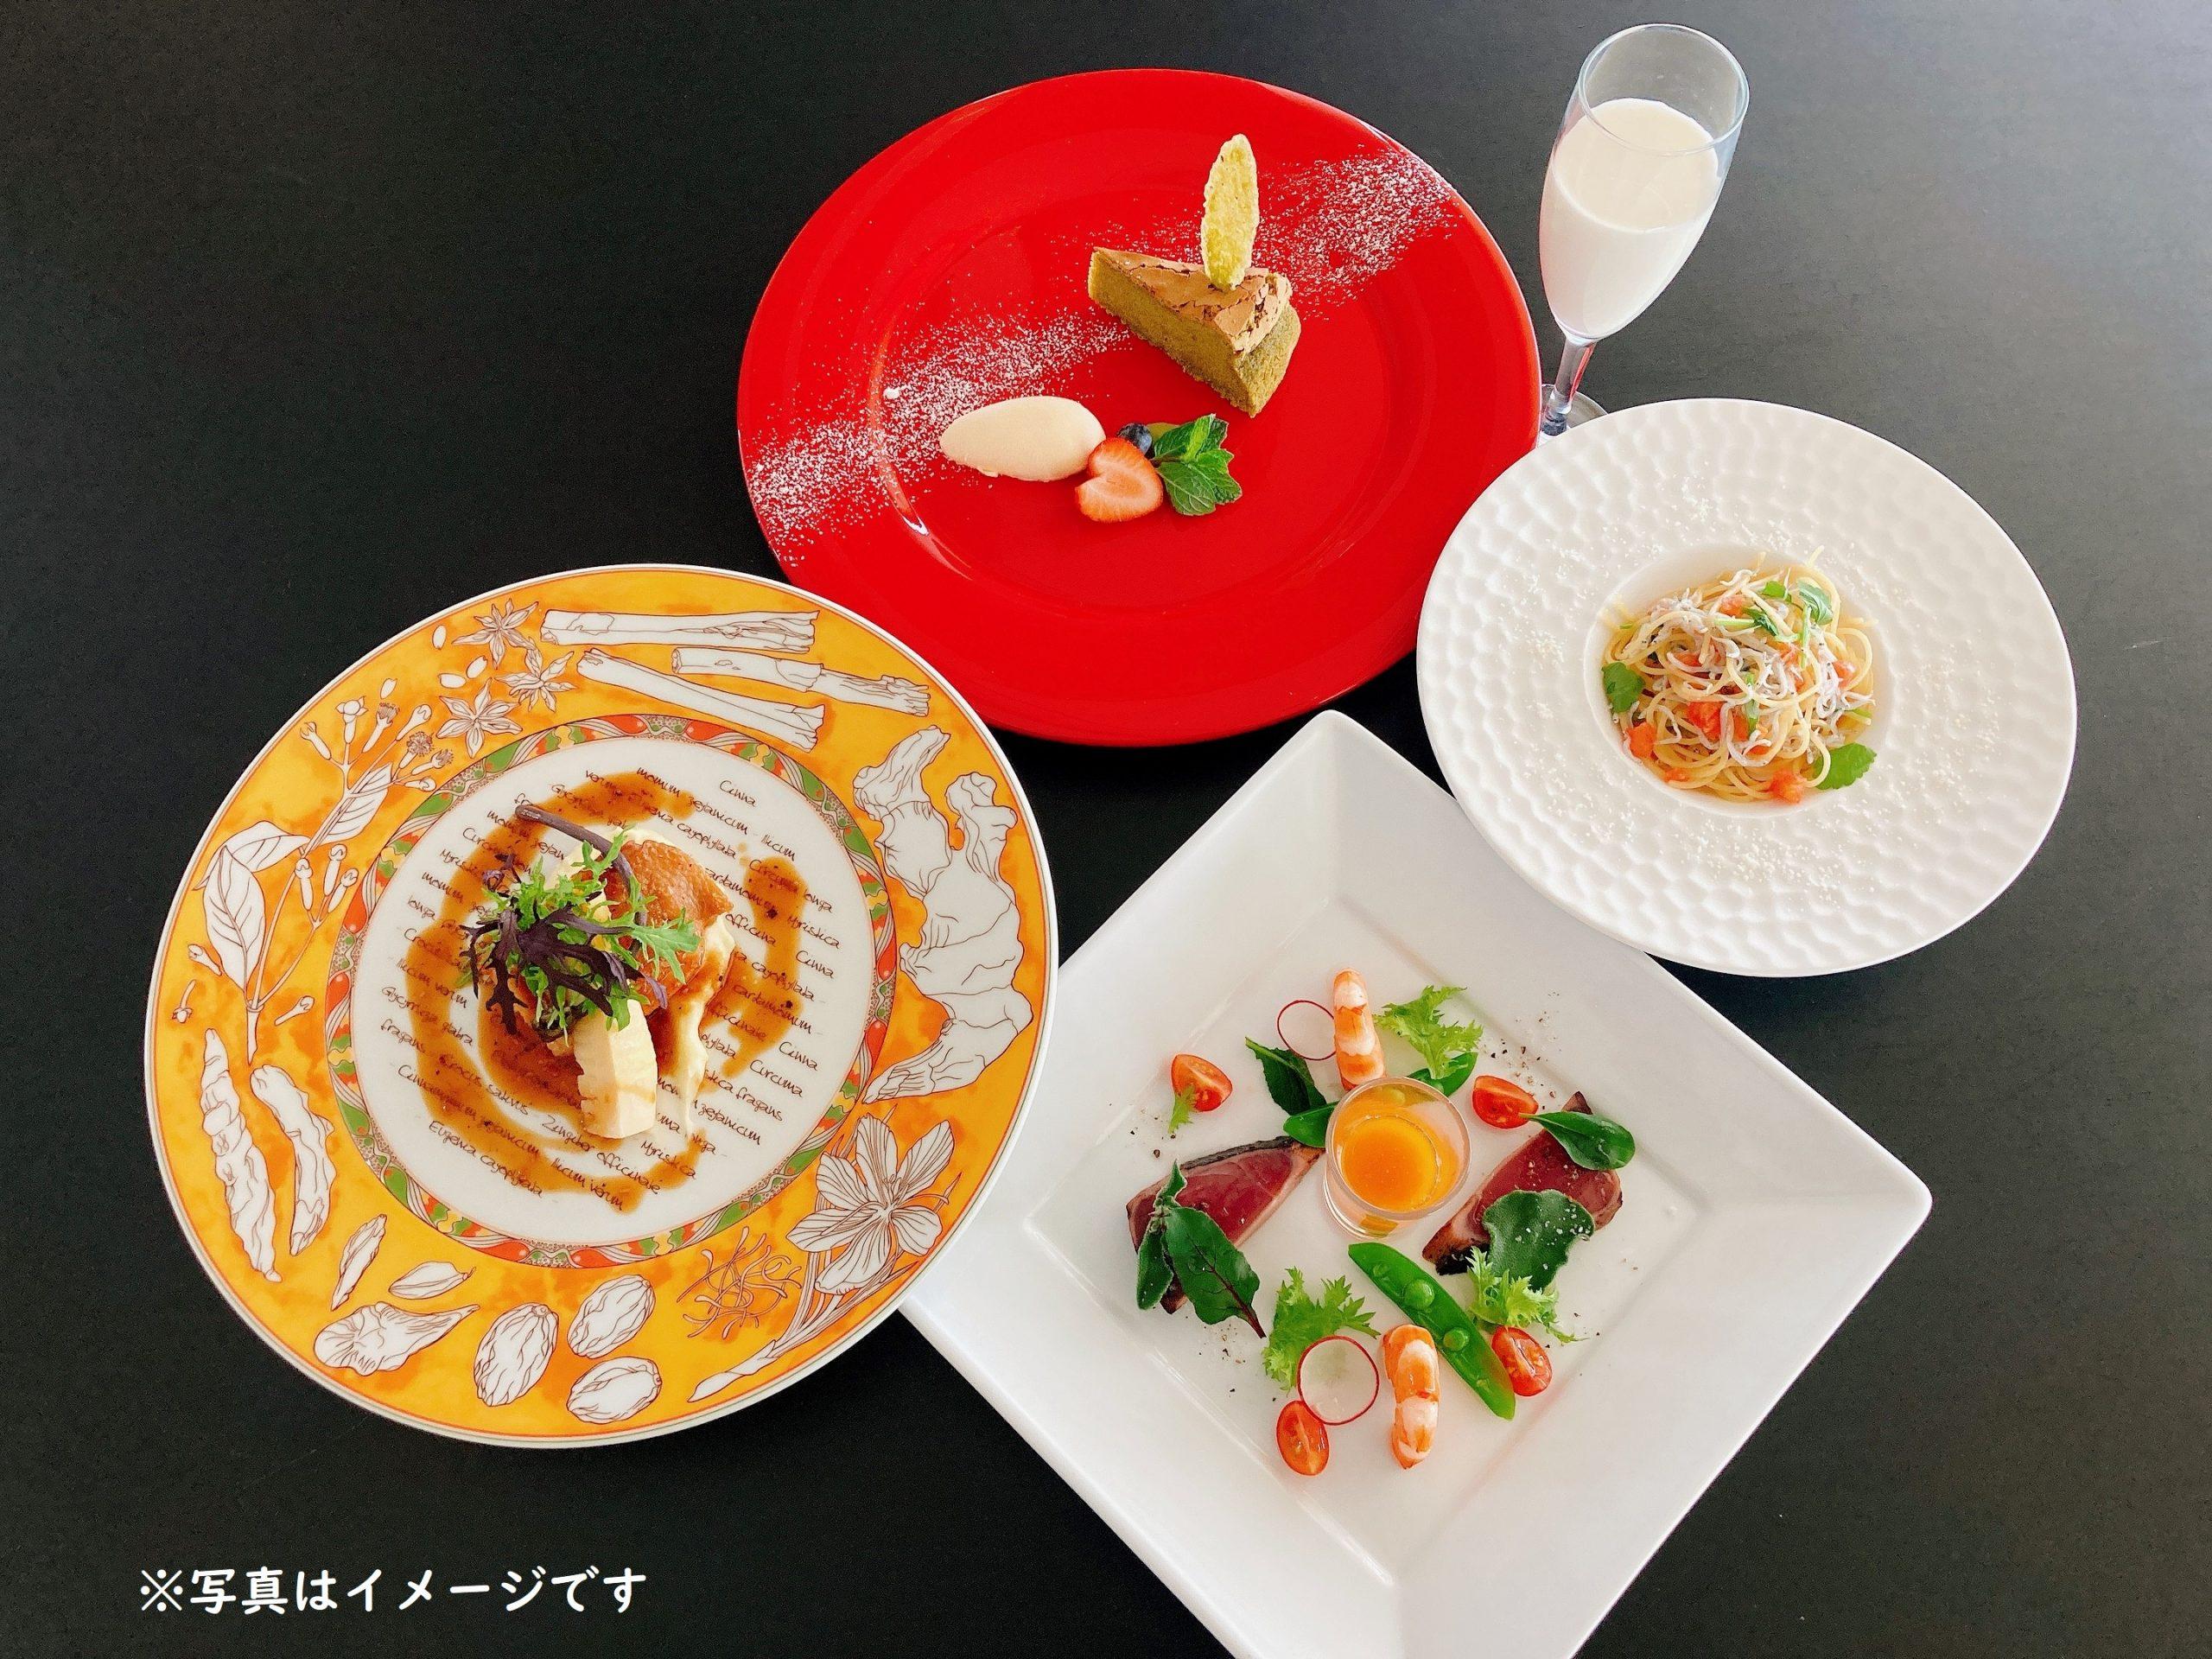 四季折々の食材を盛り込んだ御膳料理からカジュアルフレンチまで様々ご用意